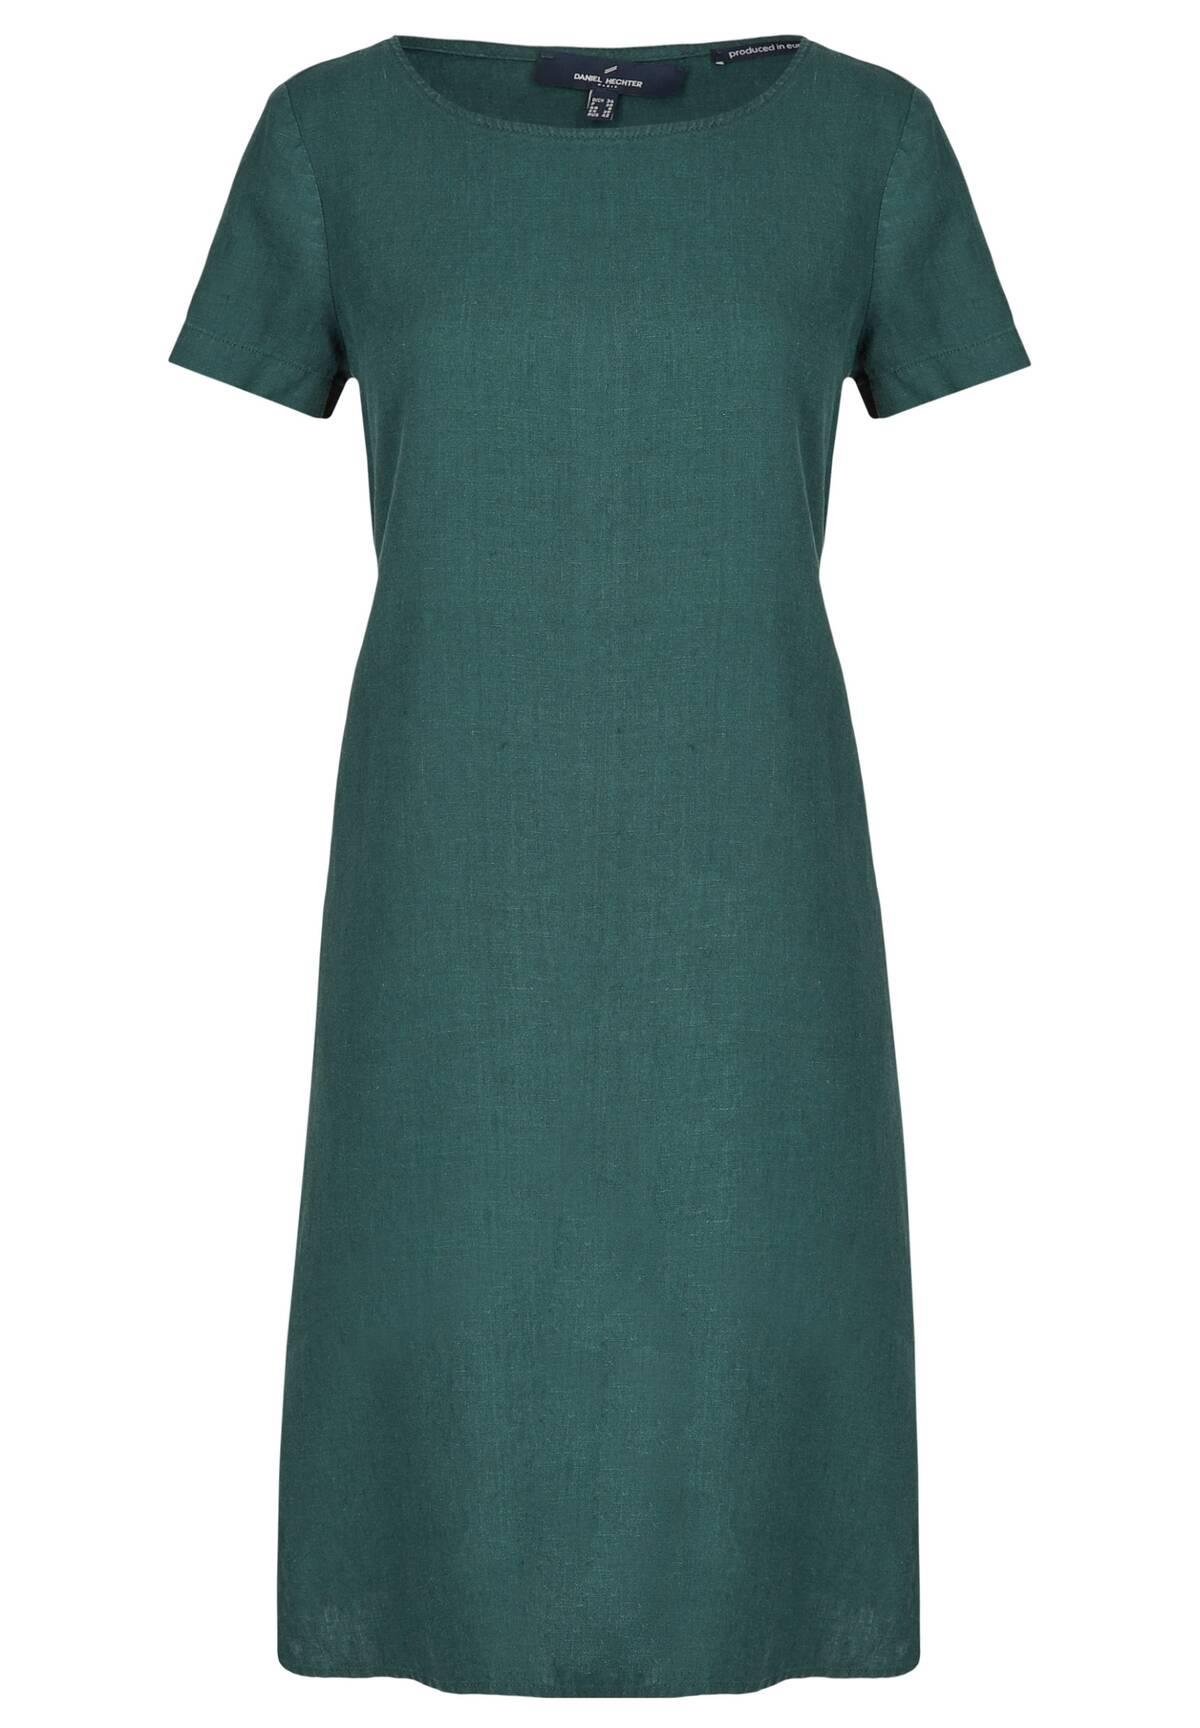 Sommerliches Leinen-Kleid / Dress